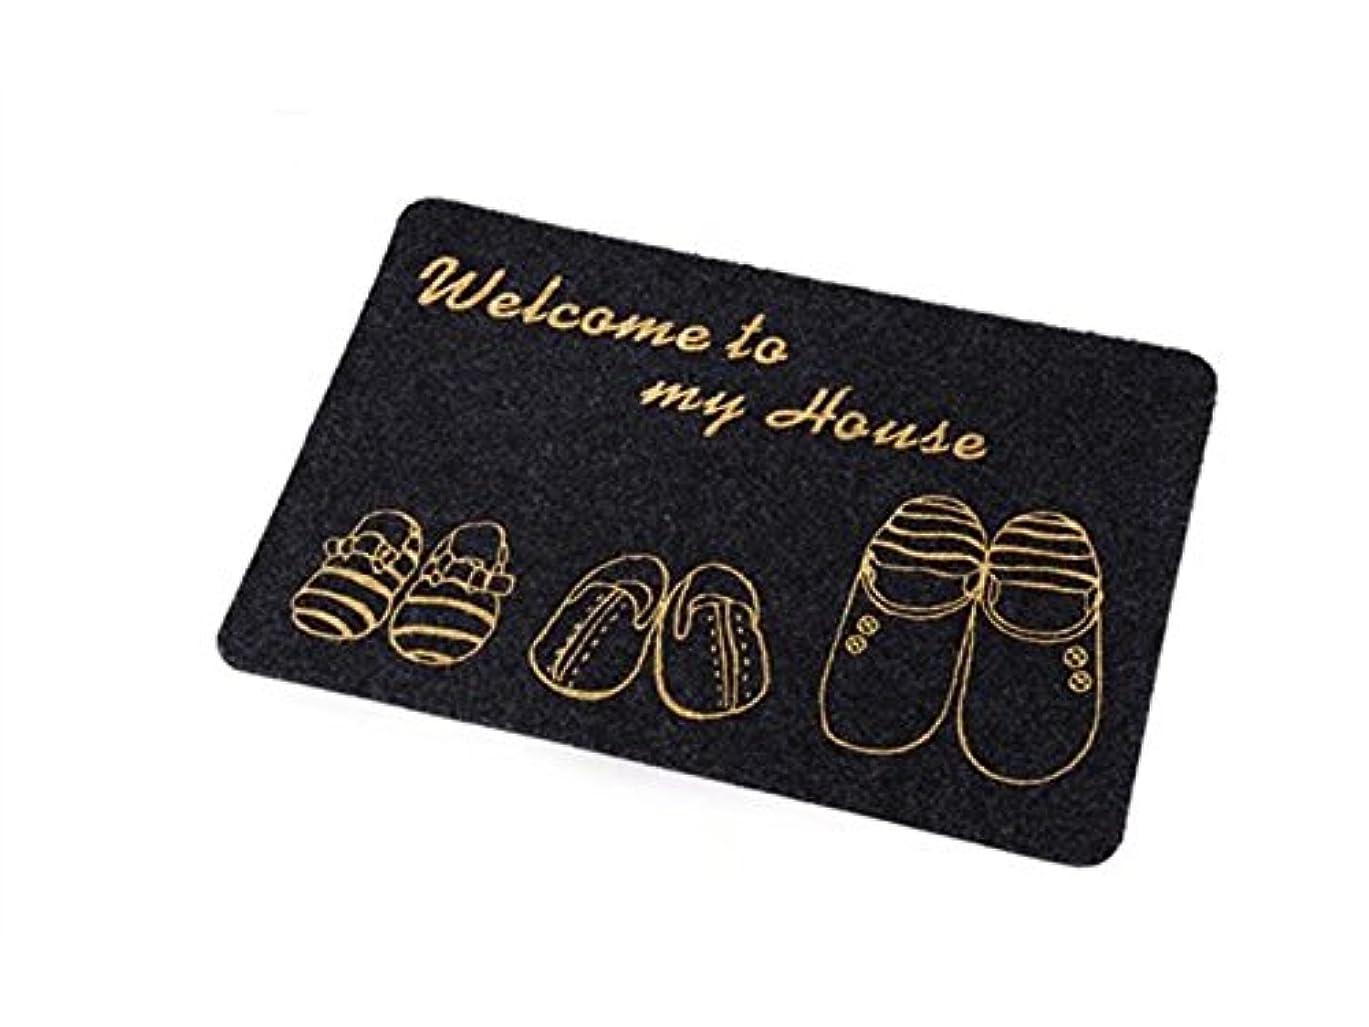 宅配便アブストラクトペチュランスOside ホームウェルカムエントリー玄関寝室ラグラグバスマットベッドルームリビングルーム(ブラックグレー)